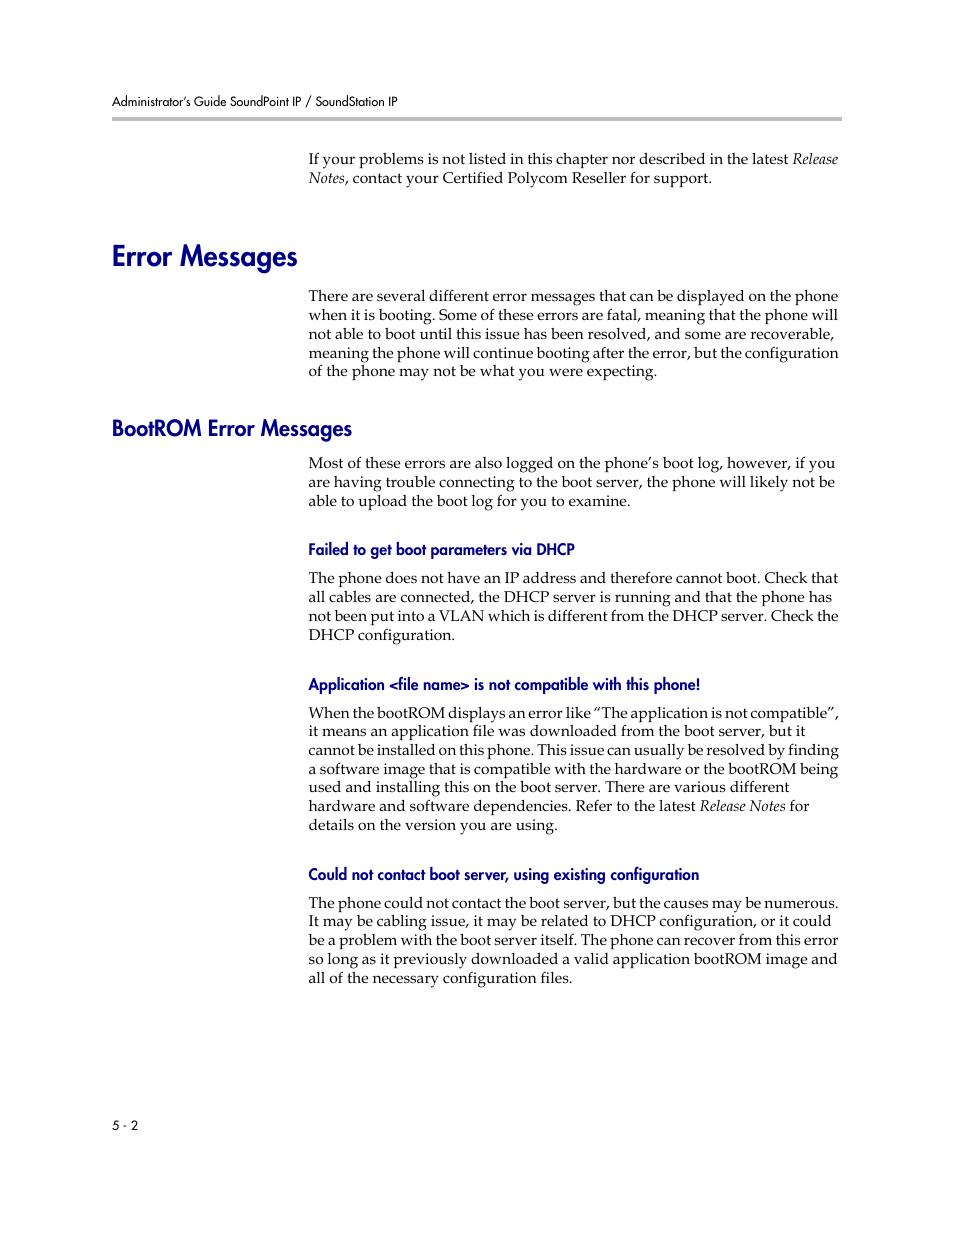 Error messages, Bootrom error messages, Error messages –2 | Polycom